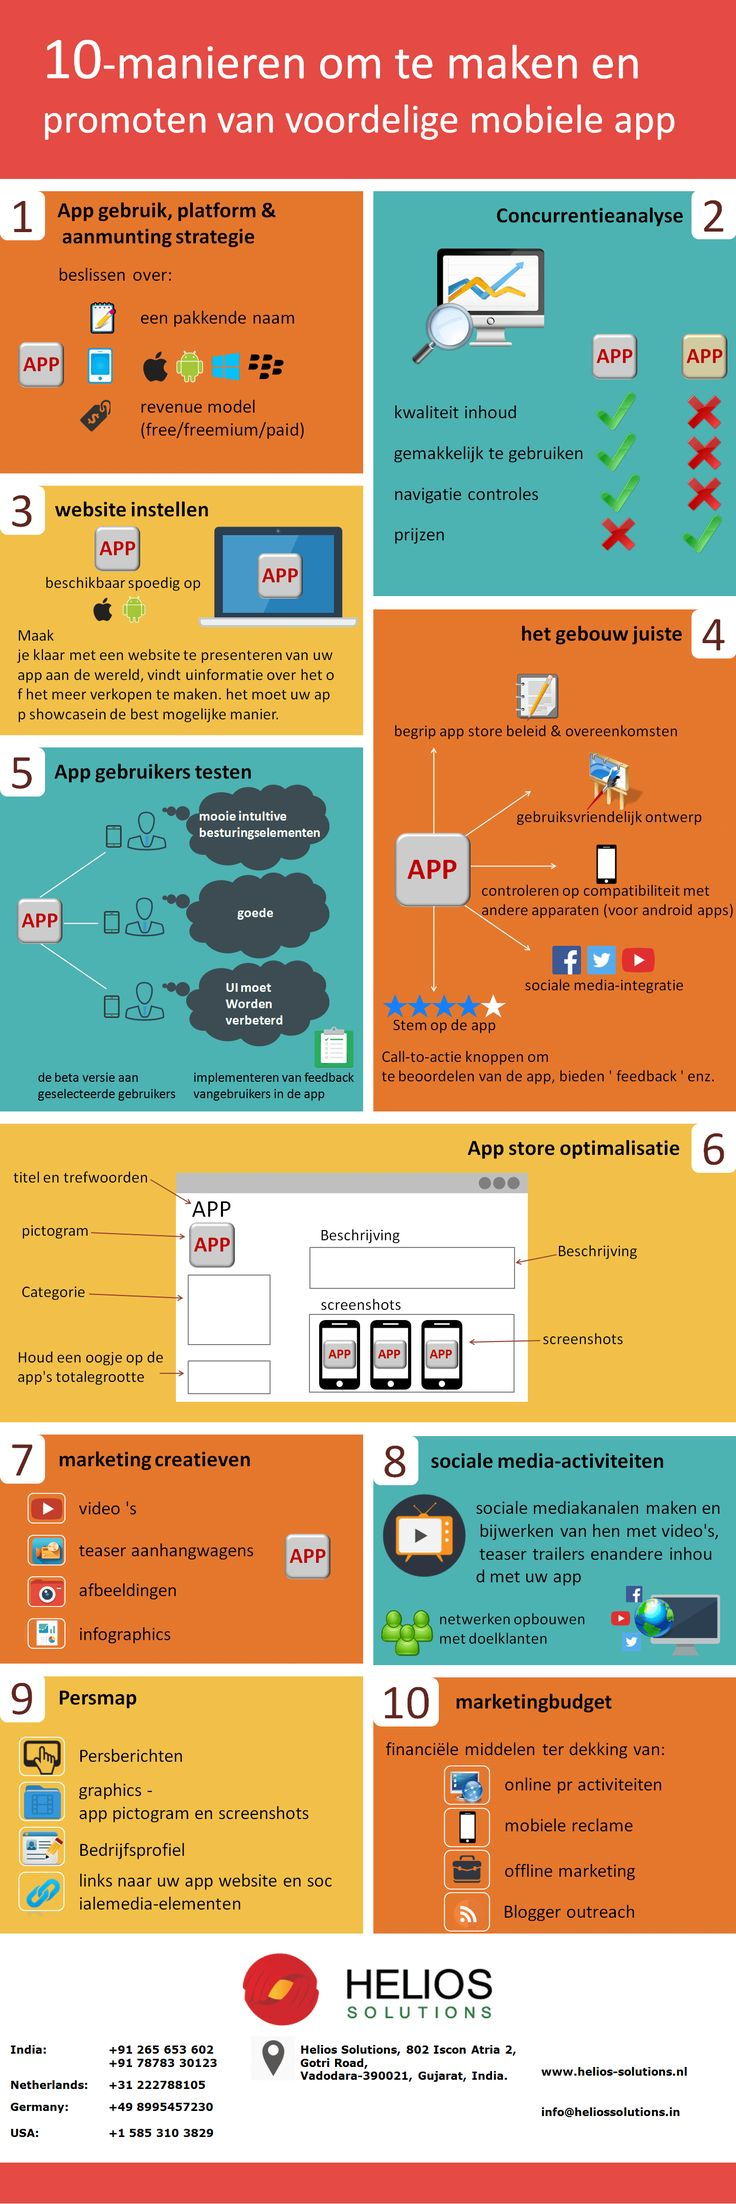 Mobiele toepassingen zijn een geweldige manier aanwezig een grote inhoud enhet ongelooflijke publiek betrokken bij het krijgen. De mobiele gebruikers zijndiep betrokken doen verschillende dingen door middel van deze apications,vereist echter er een controlelijst in de bouw en marketing van de toepassing. Meer informatie weergeven op Outsource #MobieleApplicatieOntwikkeling India #MobieleApplicatieSpecialist #FreelanceMobieleApplicatieOntwikkeling bij